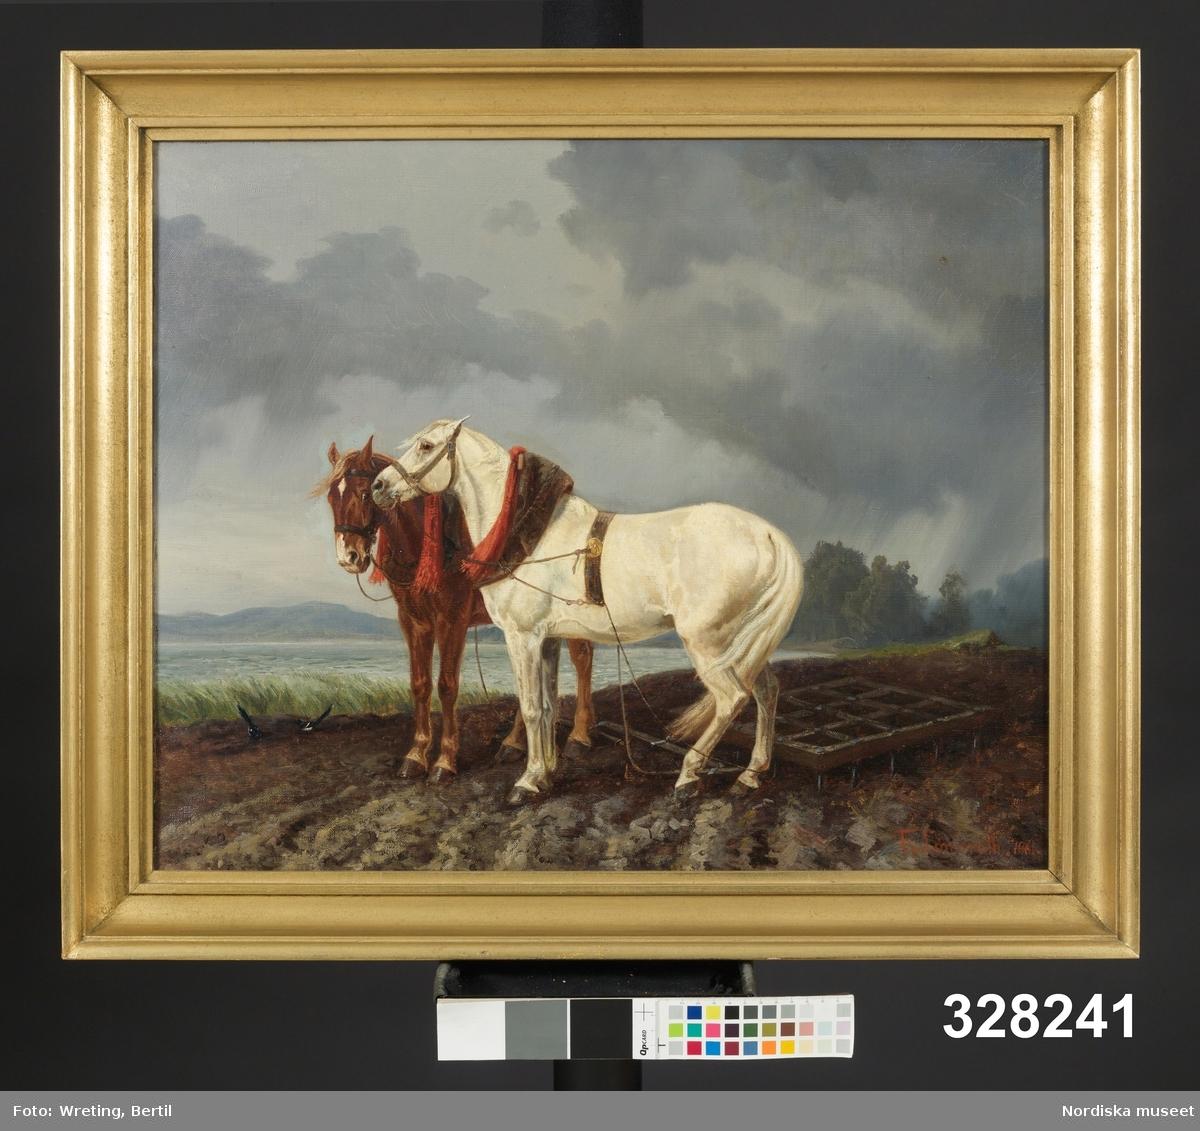 Ett agrart landskap med en havsvik och berg i bakgrunden. Två arbetshästar förspända en harv står vilande på stället. Hästarna är korrekt avbildade, medan anspänningen av redskapet genom en spannvåg verkar utländsk till sin karaktär. Hästarna är förspända med kollerselar.  Djur, häst.